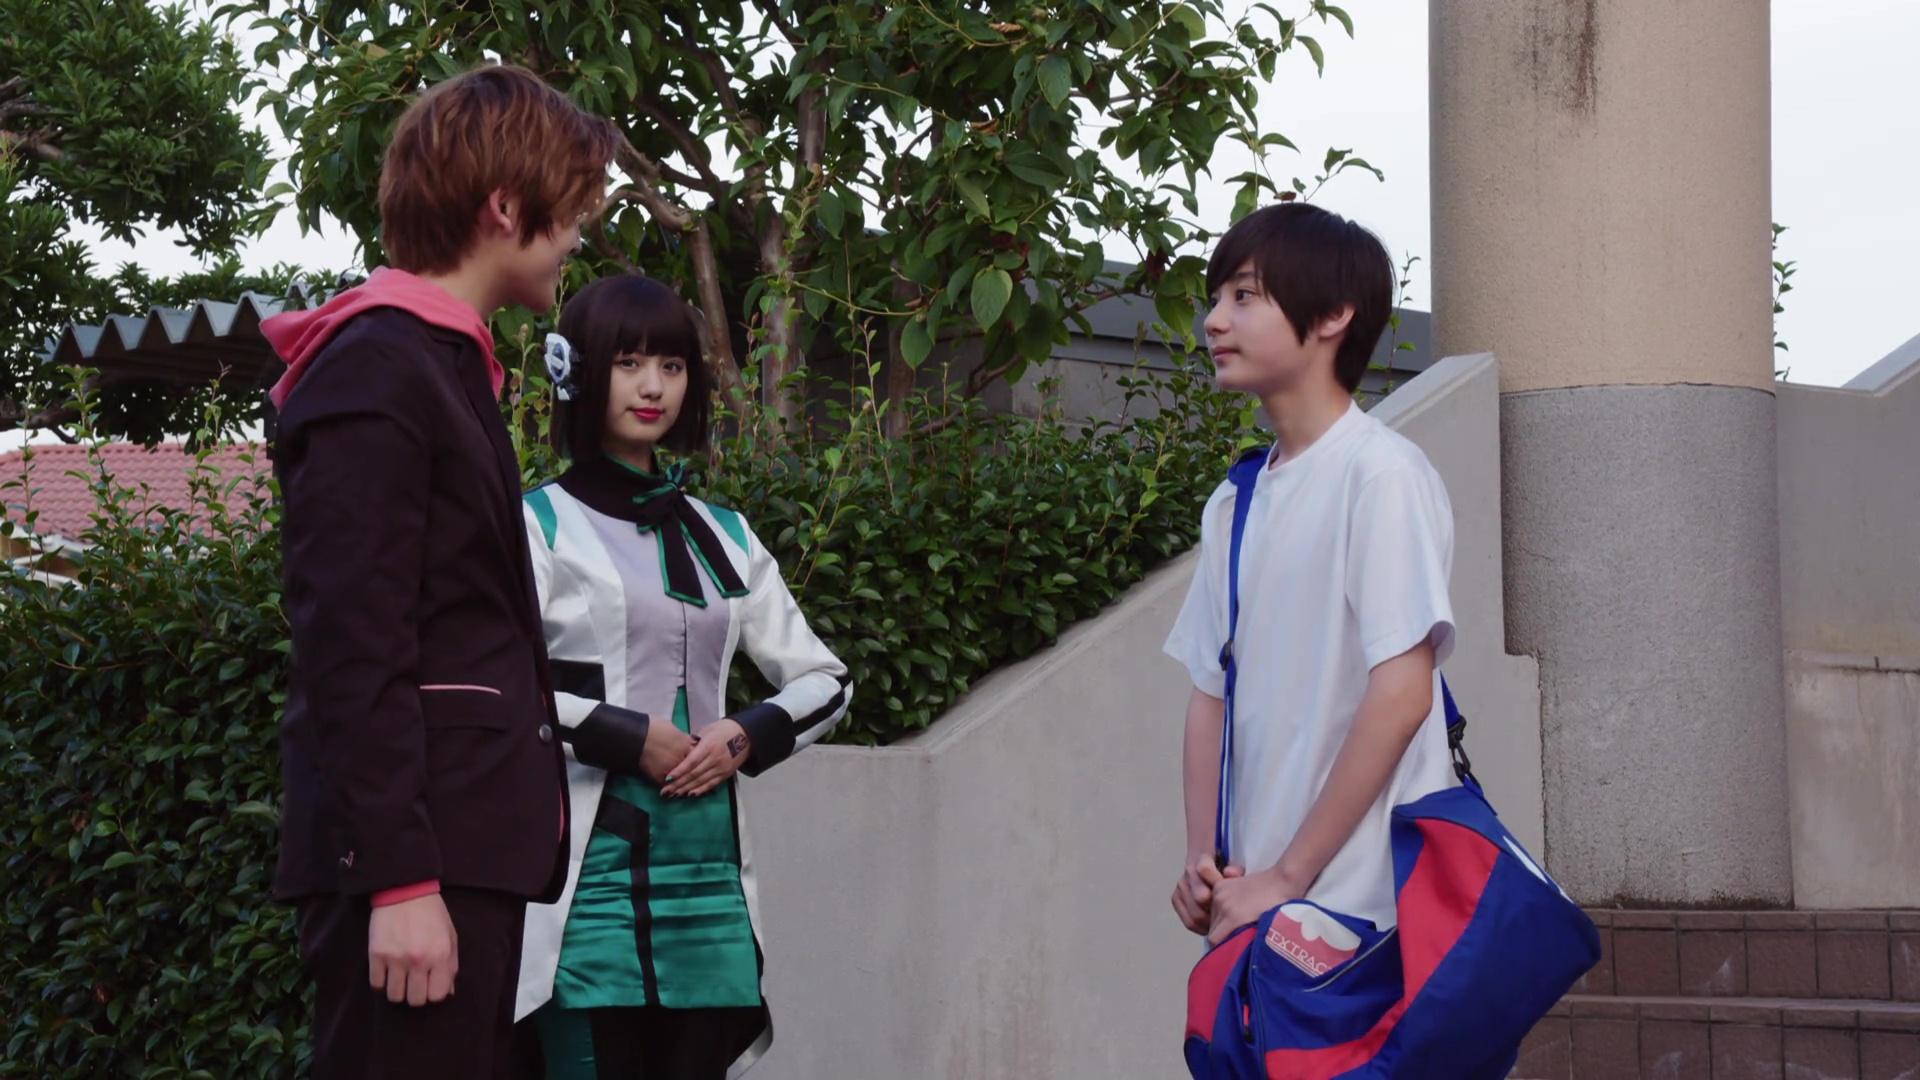 Kamen Rider Zero One Episode 7 Recap